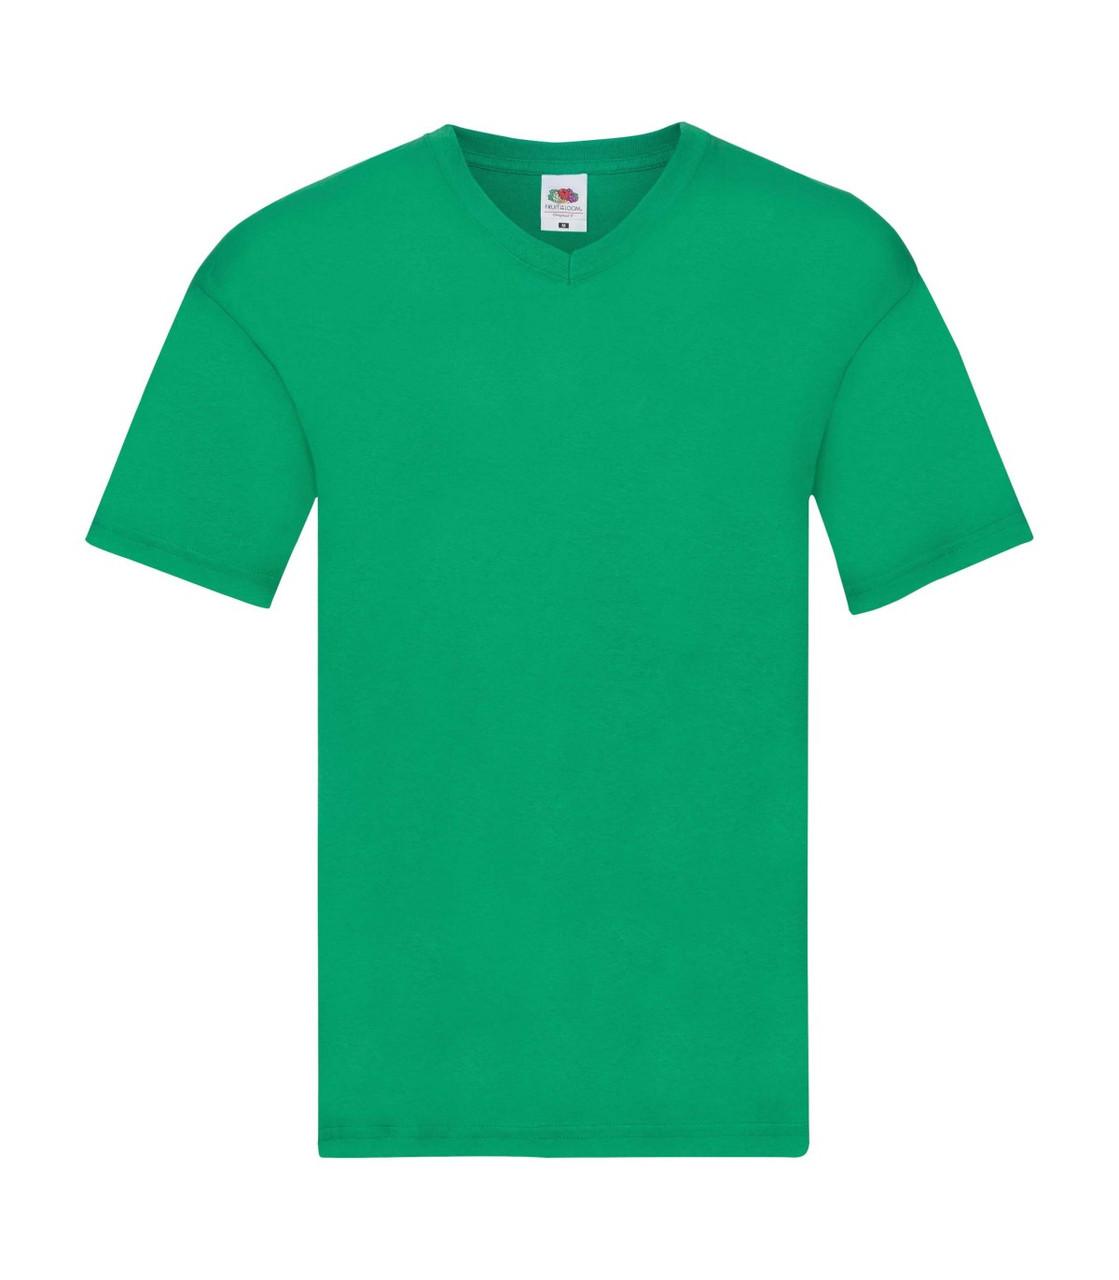 Мужская футболка с v-образным вырезом тонкая зеленая 426-47